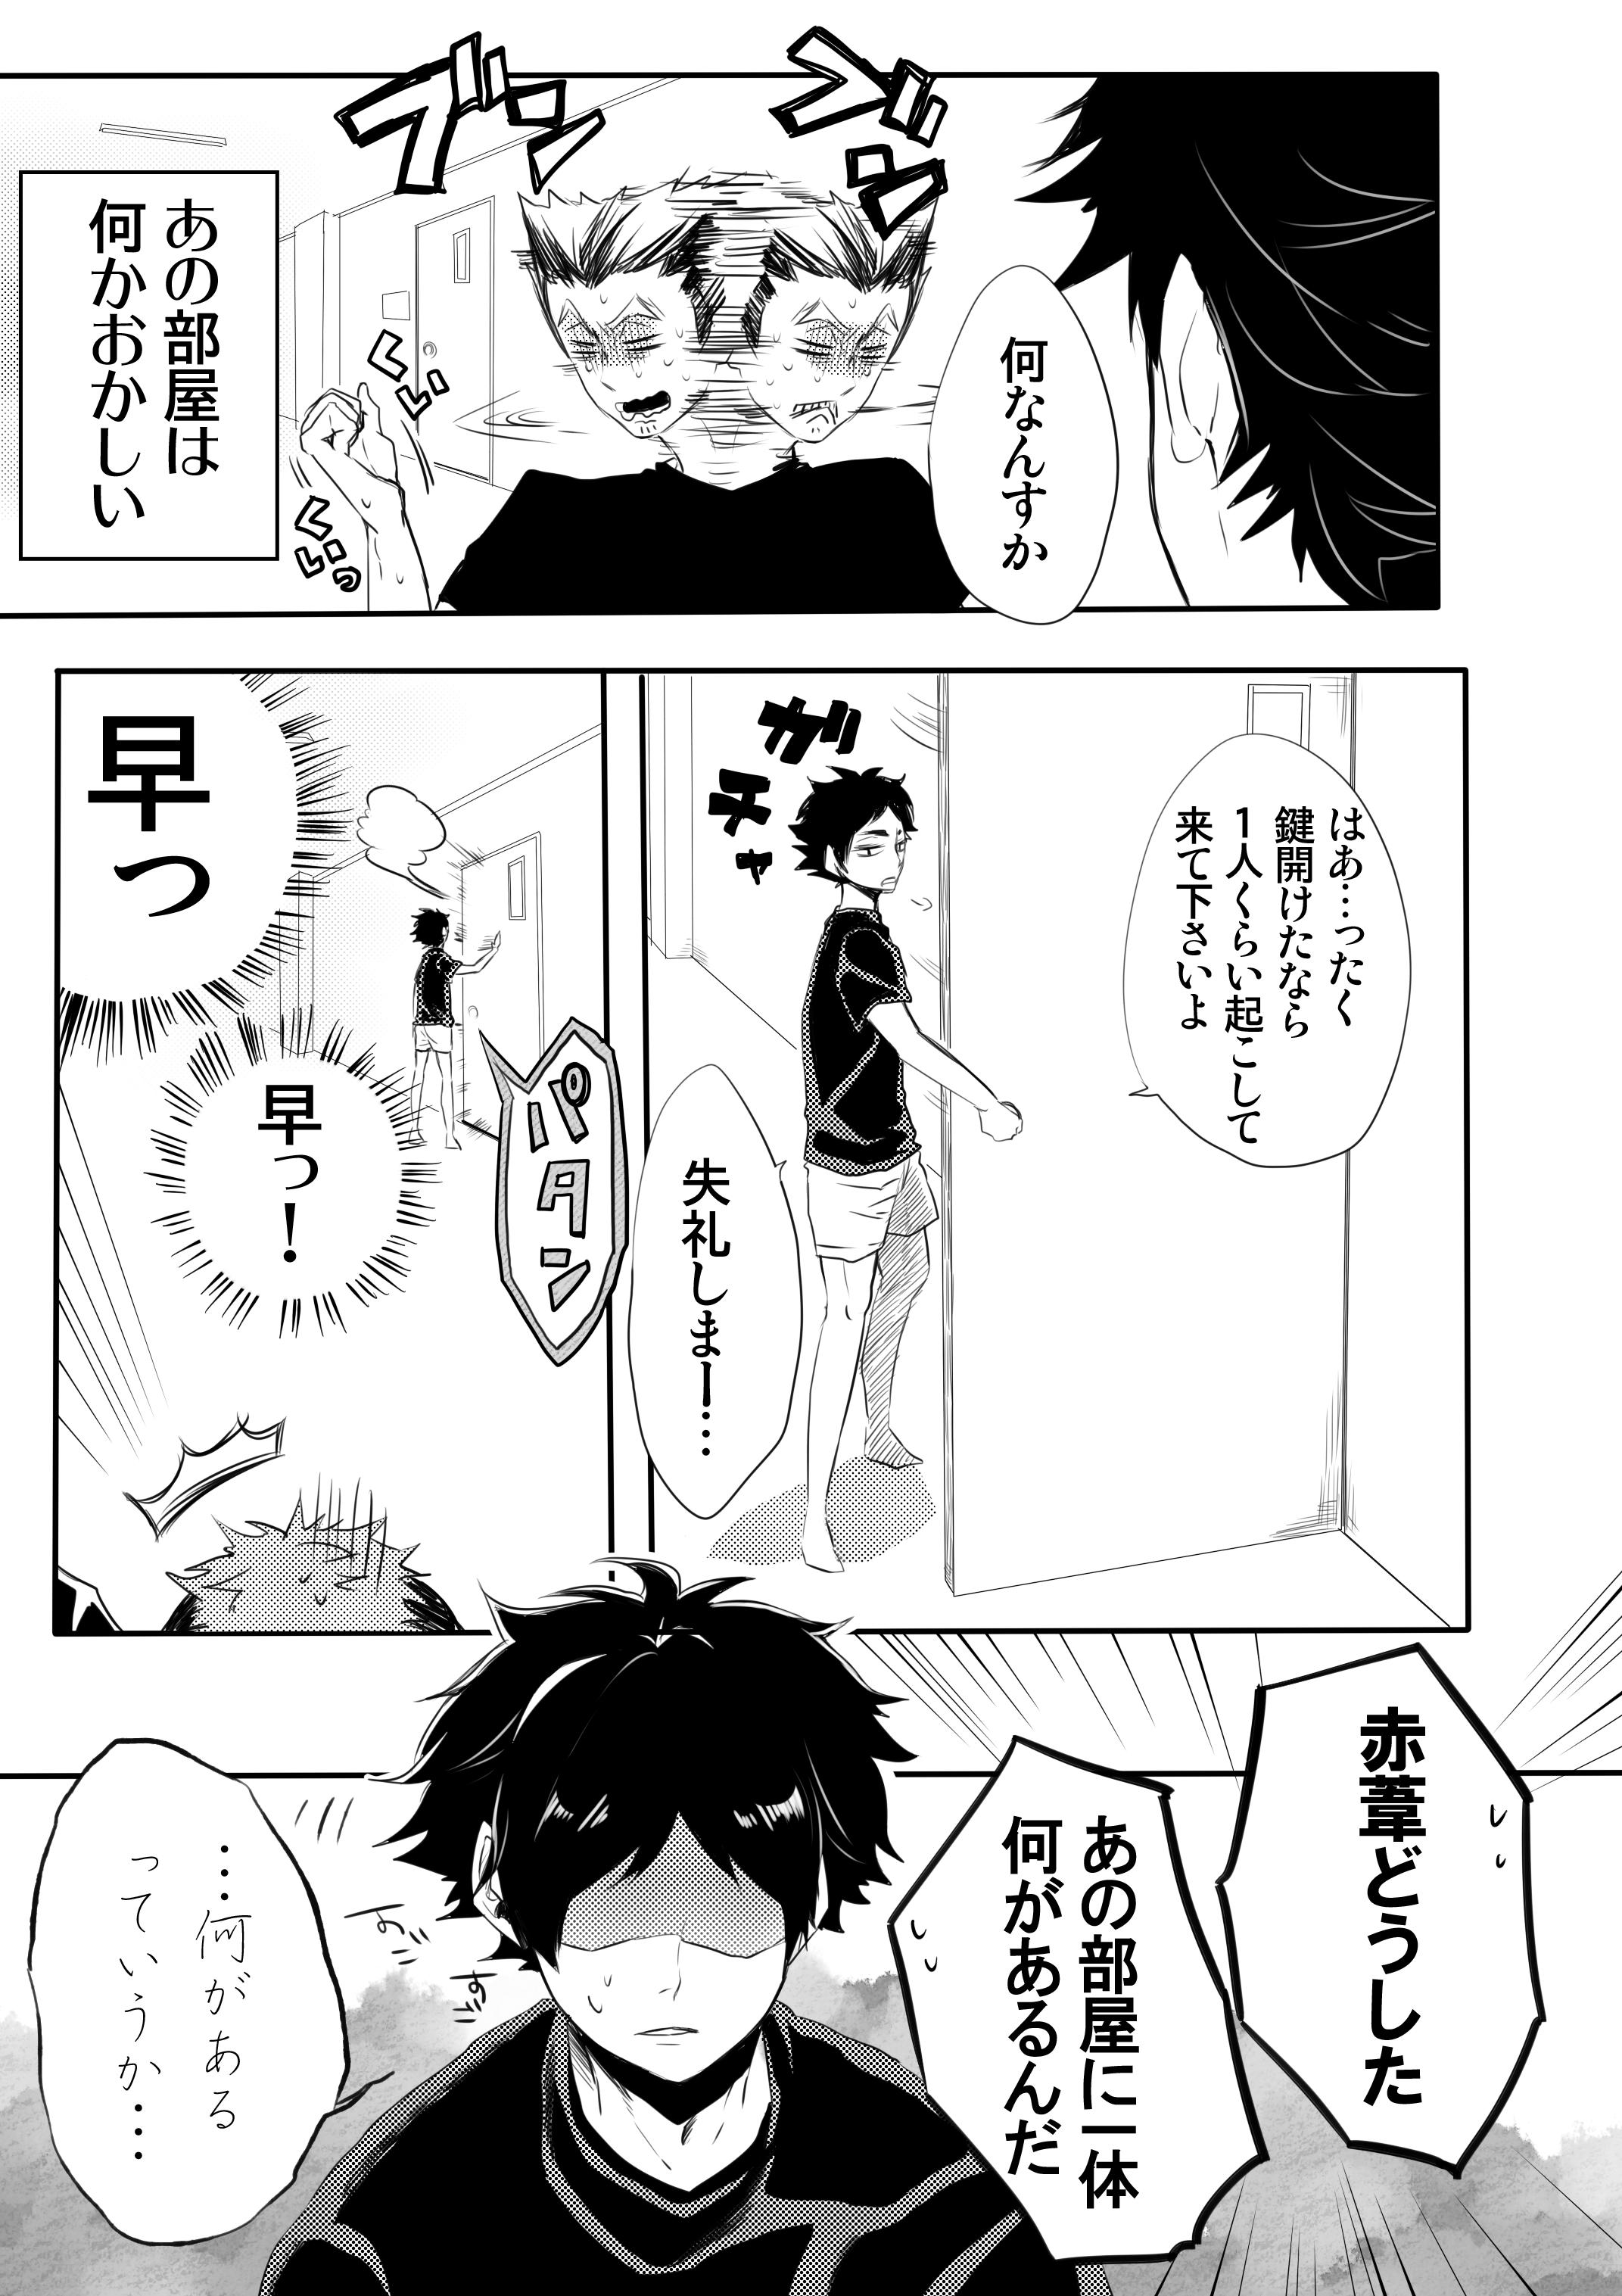 ハイキュー 腹筋崩壊 pixiv 漫画